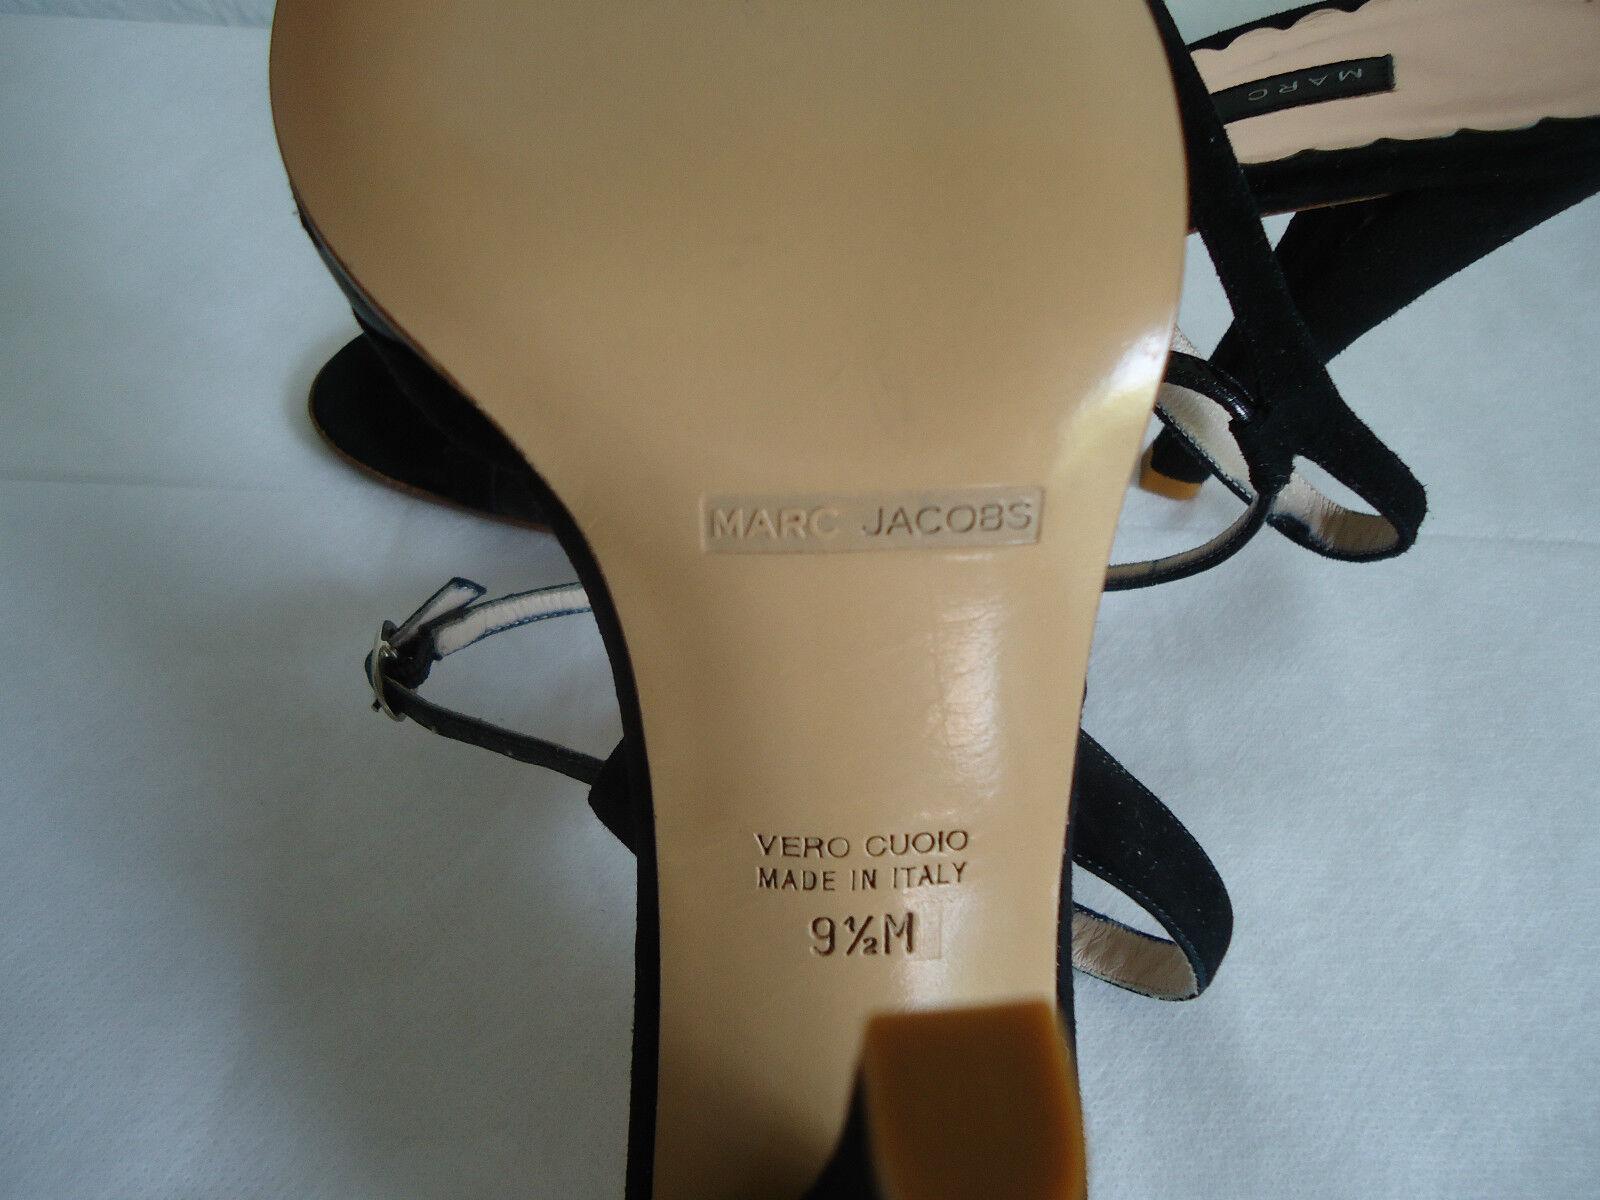 Nuevo Negro Gamuza Marc Jacobs Jacobs Jacobs con Tiras Noche Tacones Zapatos Talla 9.5 bac462